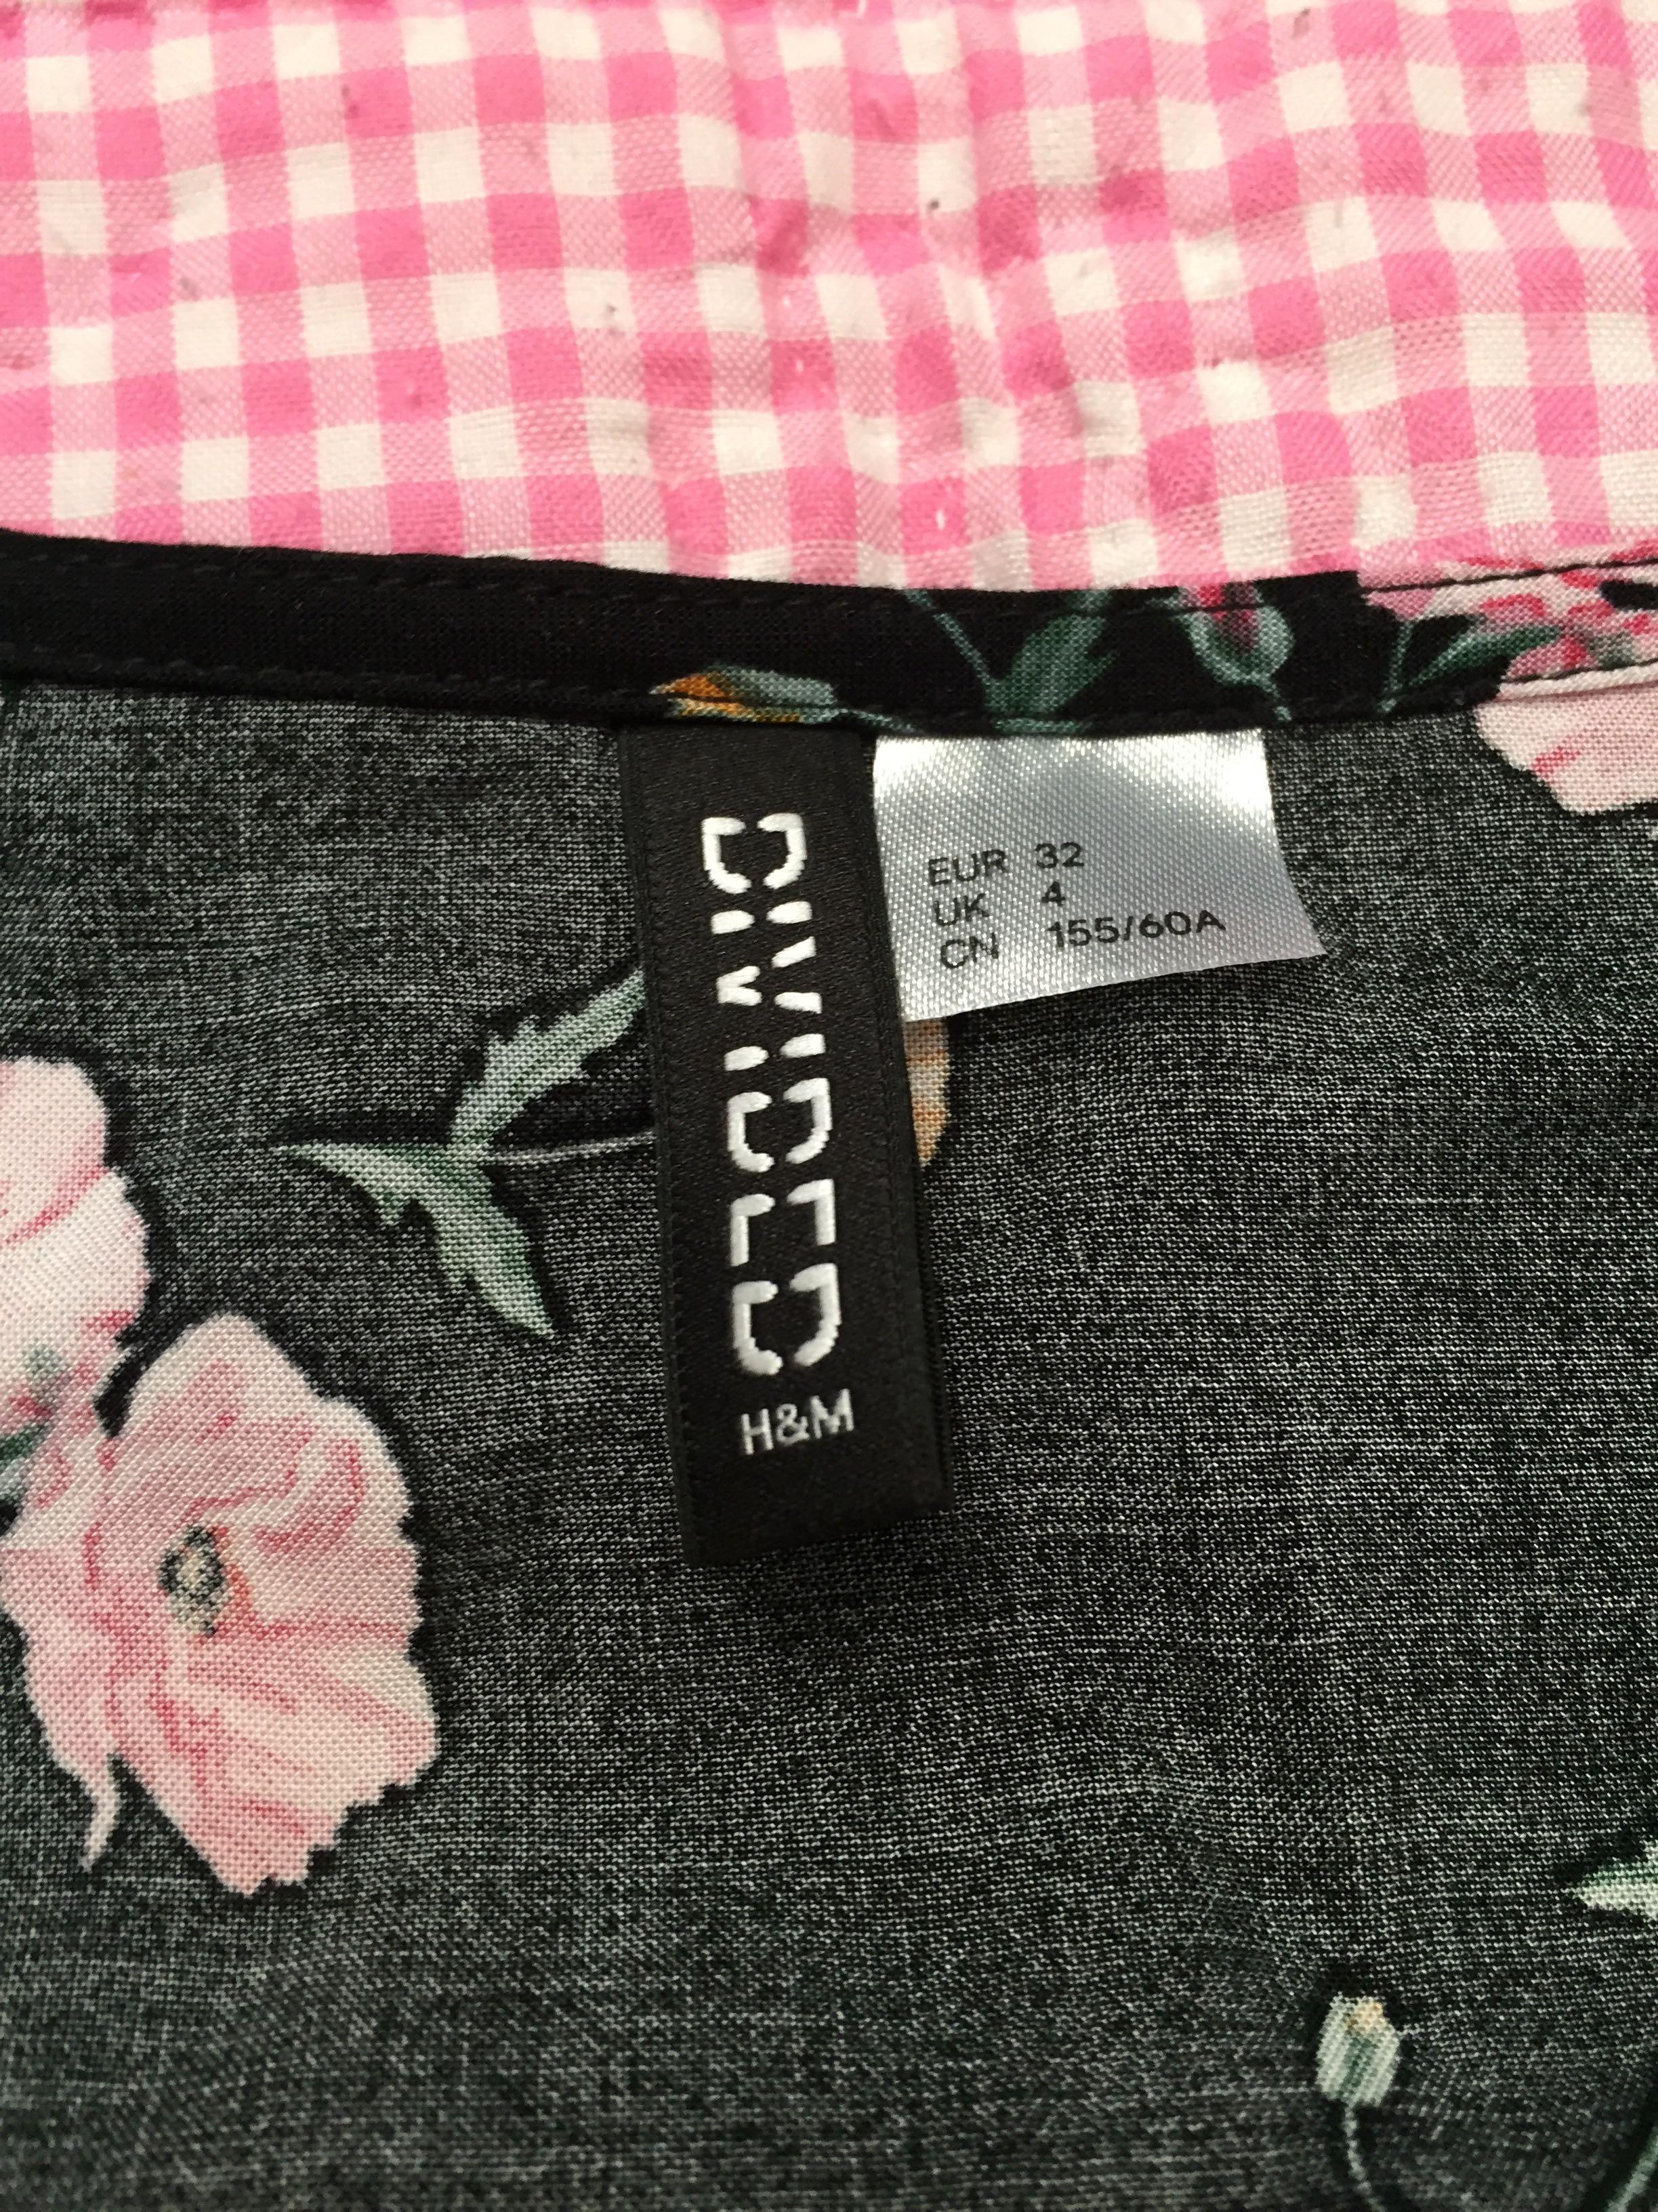 h&m floral jumpsuit